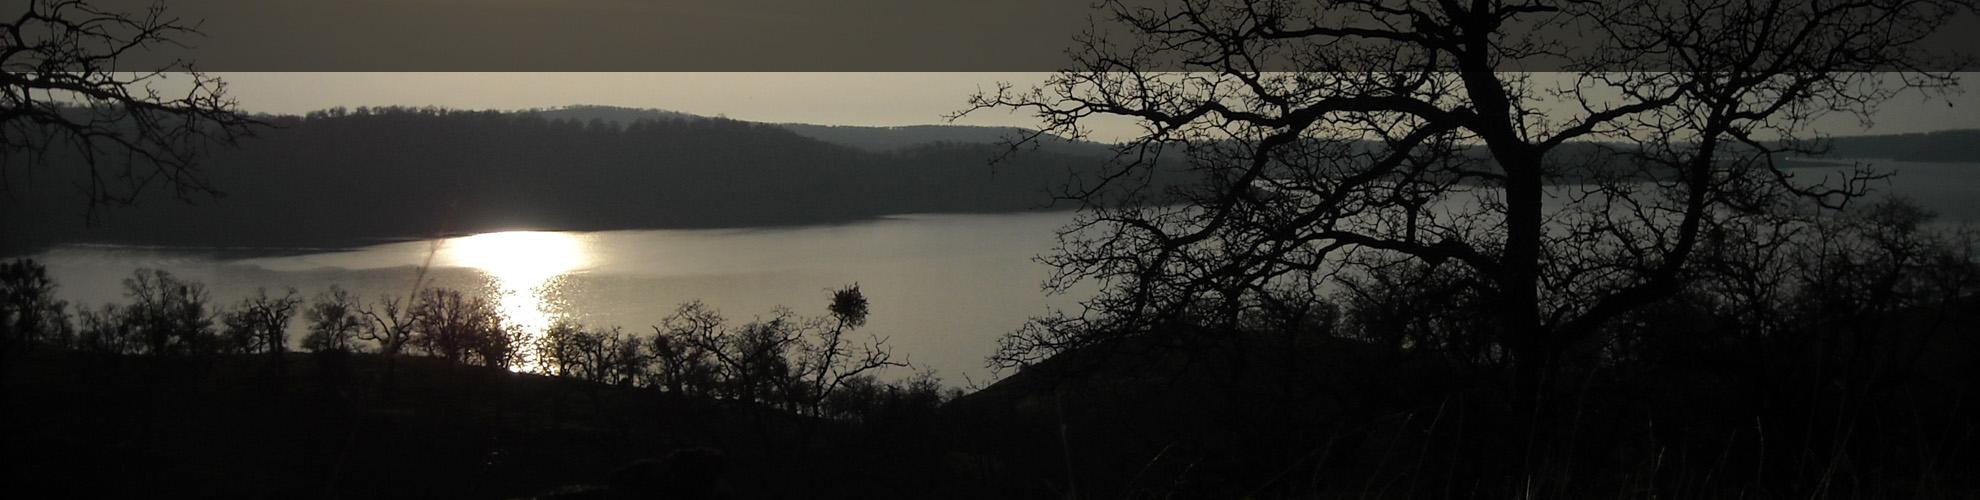 lake-heade-3